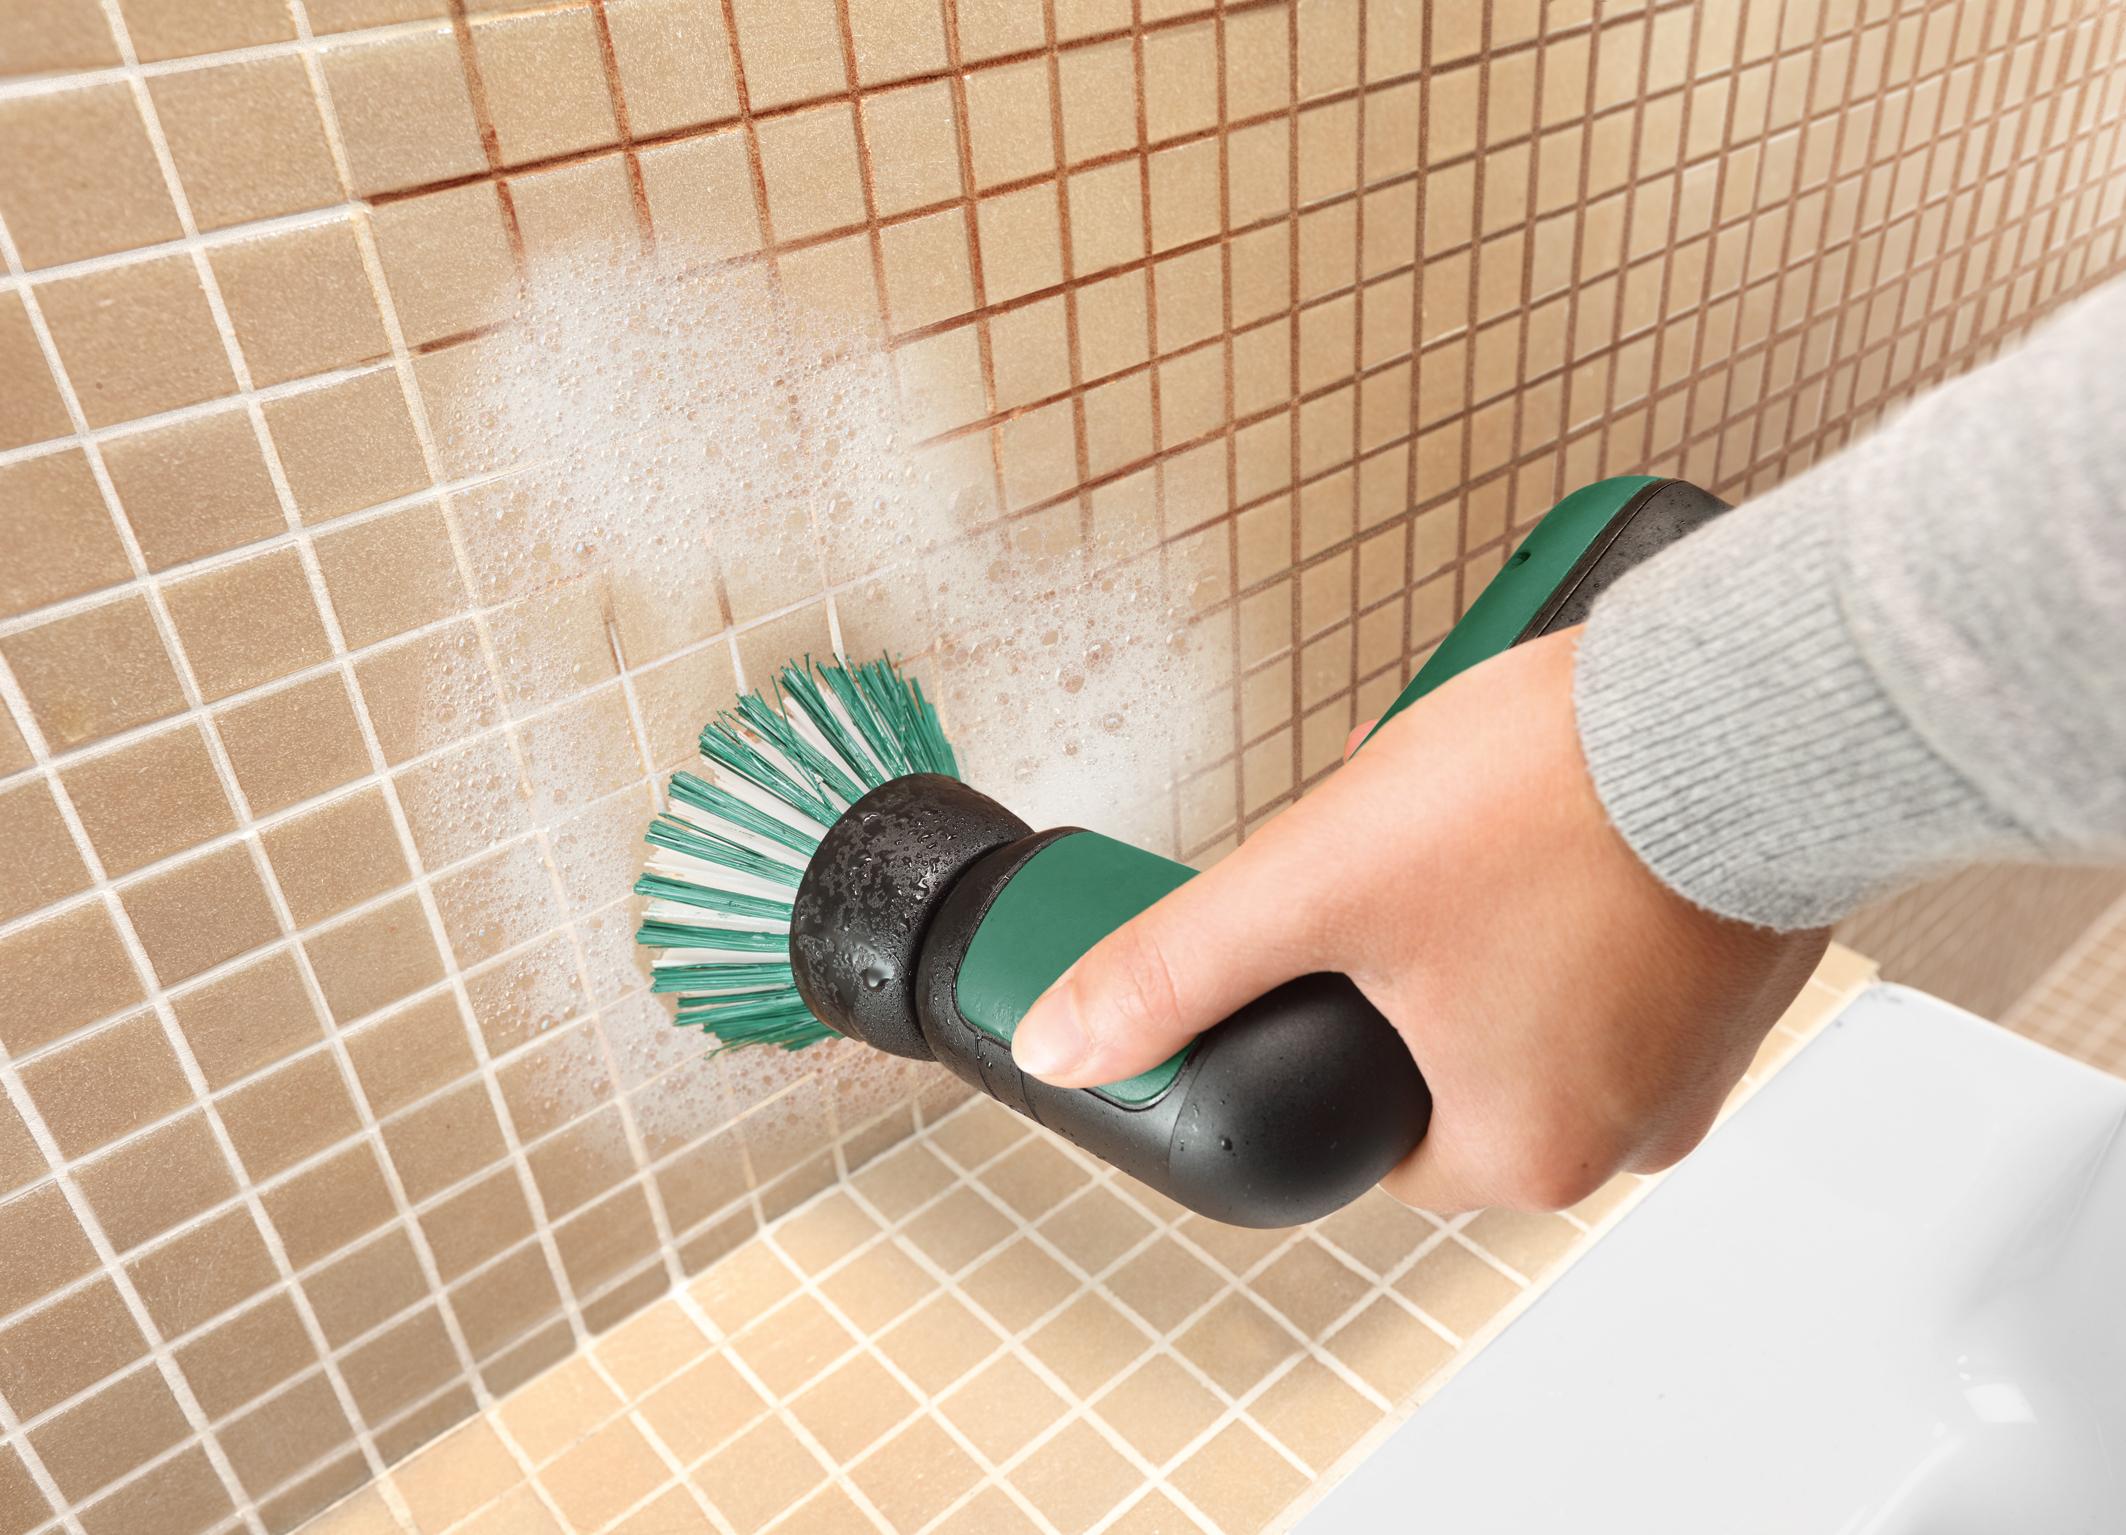 UniversalBrush – verschiedene Aufsätze, unzählige Möglichkeiten: Bürste zum Reinigen stark verschmutzter Oberflächen